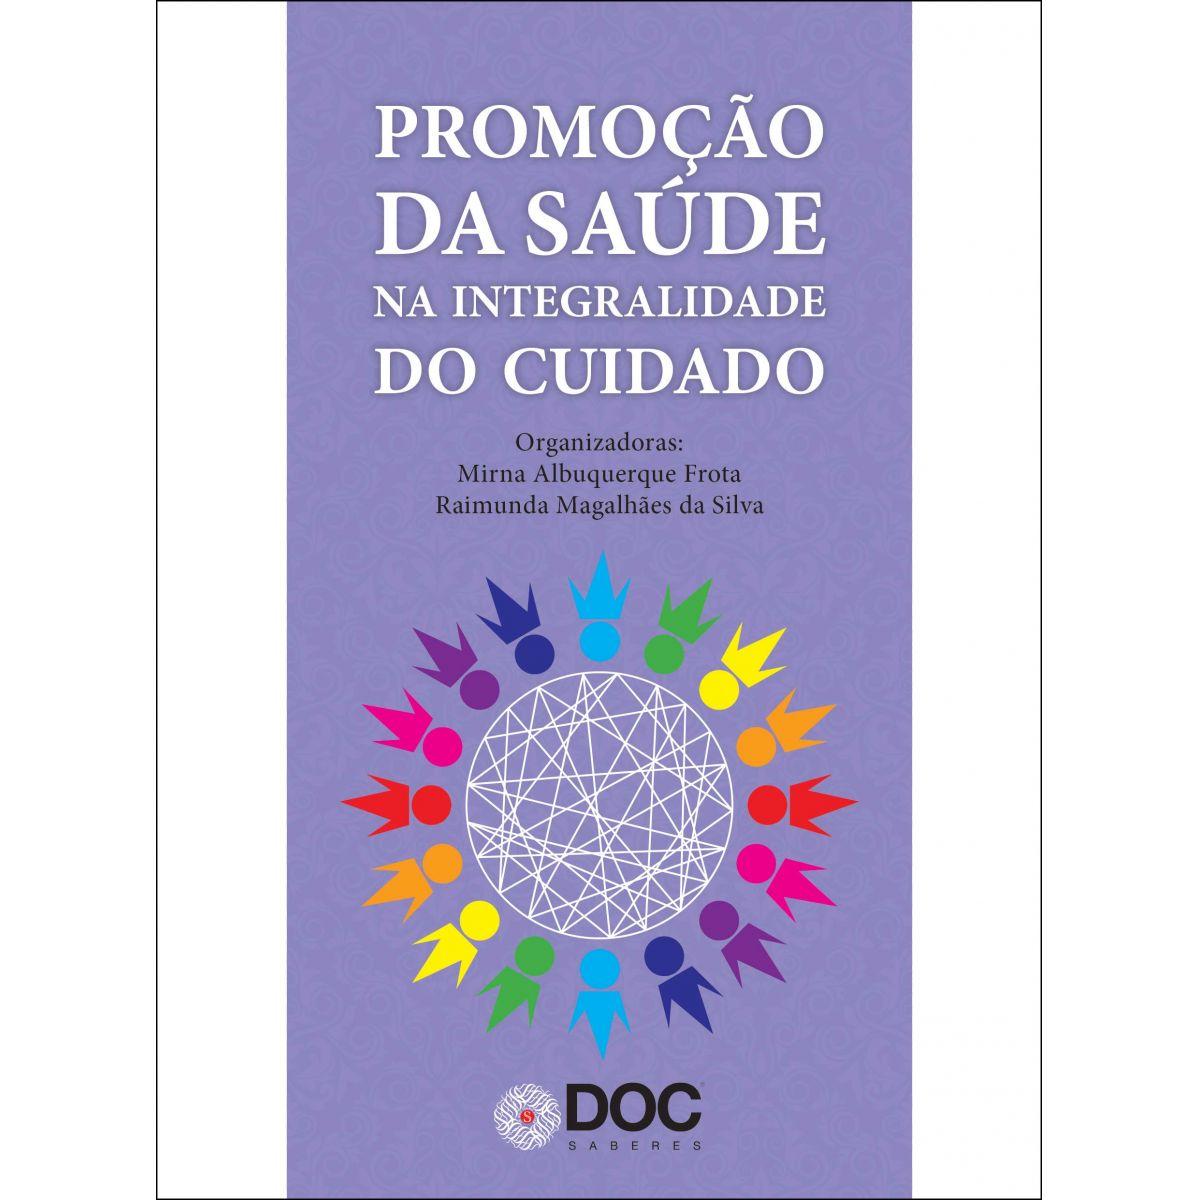 Promoção da Saúde na Integralidade do Cuidado  - DOC Content Webstore